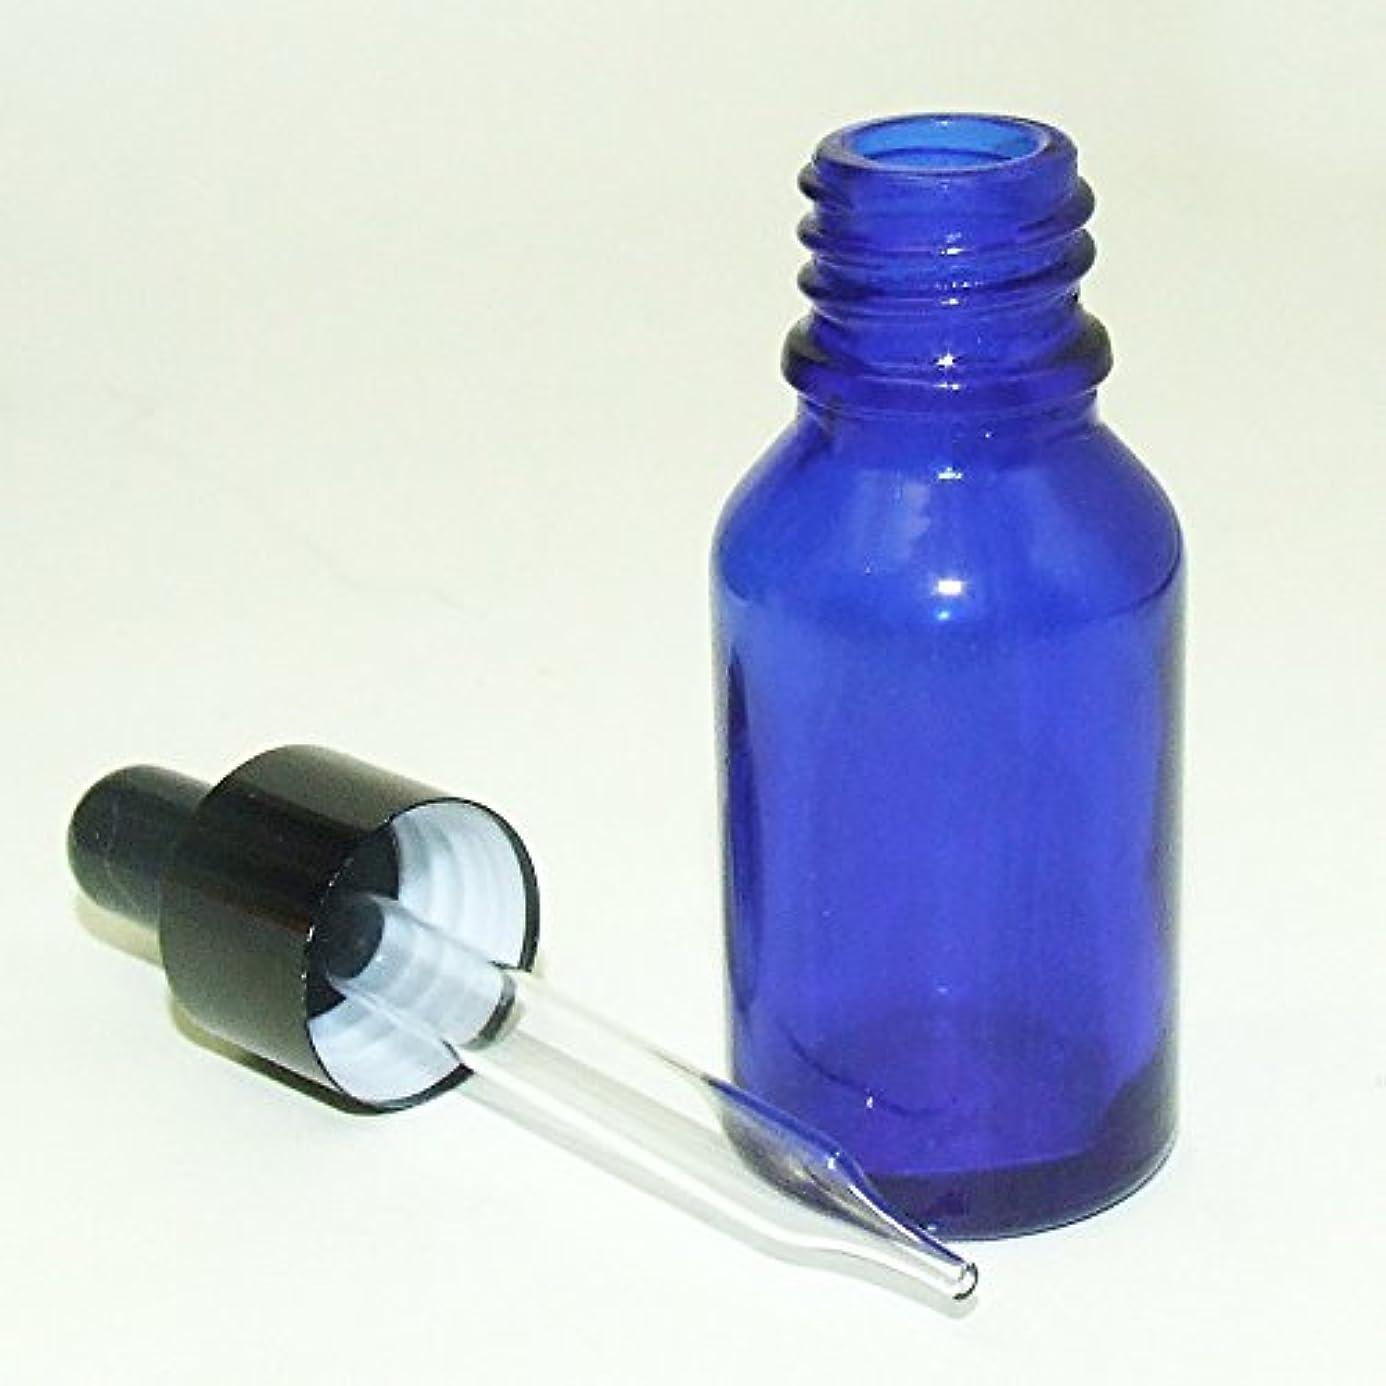 穿孔する東ティモールばかげたガレージ?ゼロ 遮光ガラス スポイド瓶 先細タイプ 青 15ml(GZKP31)×10個 アロマ保存 GSE677